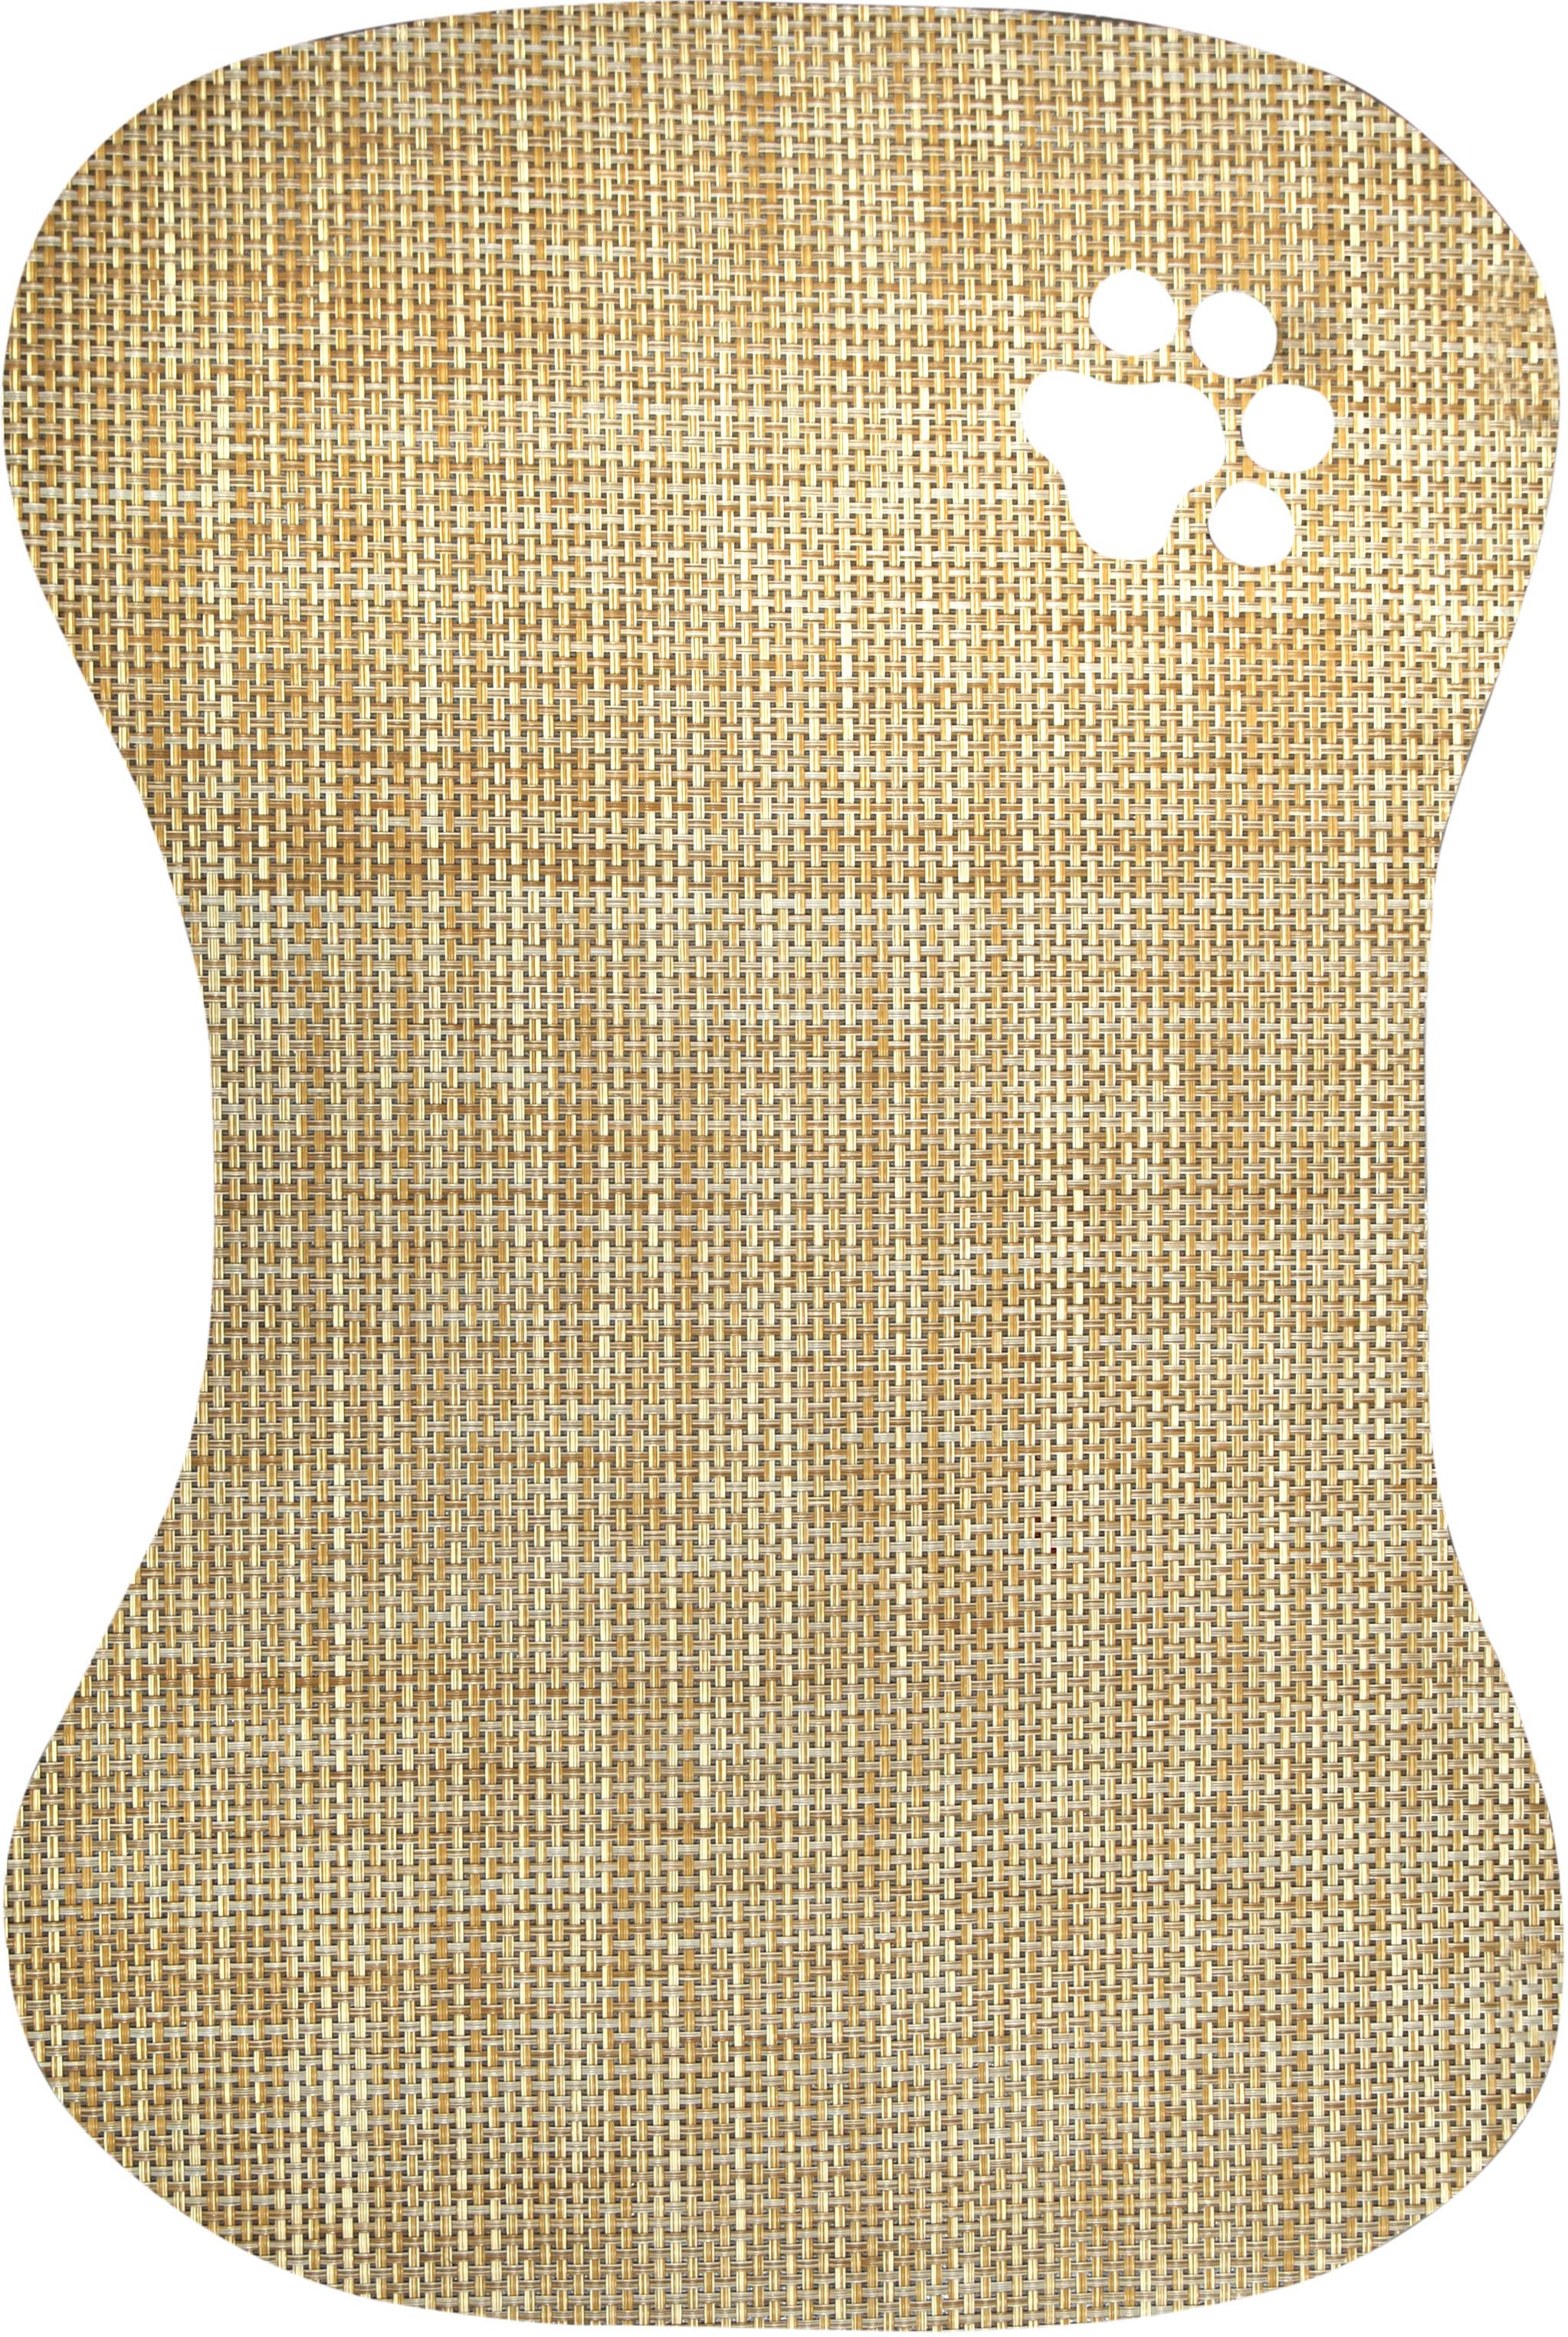 Bowl Mat Mat-die Cut Tan Area Rugs